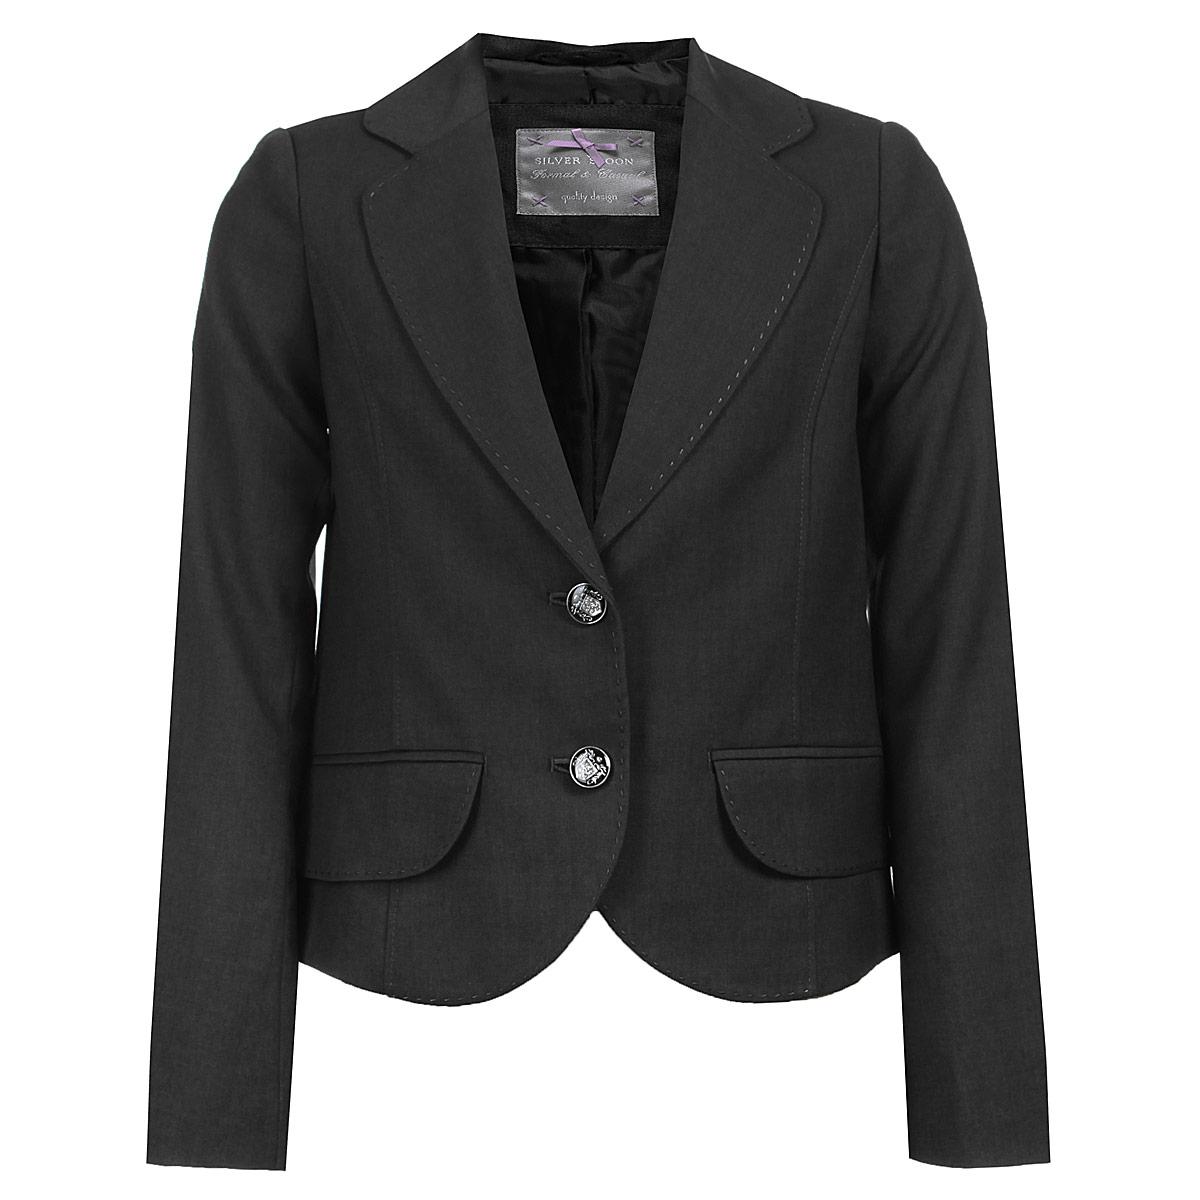 Пиджак для девочки. SS-B-G-0802SS-B-G-0802_003Классический пиджак для девочки Silver Spoon - основа делового стиля, а значит и в школьном гардеробе ребенка - это базовый атрибут, необходимый для будней и праздников. Изготовленный из высококачественного материала с добавлением вискозы, он необычайно мягкий и приятный на ощупь, не сковывает движения и позволяет коже дышать, не раздражает даже самую нежную и чувствительную кожу ребенка, обеспечивая ему наибольший комфорт. На подкладке использована гладкая подкладочная ткань. Модель с длинными рукавами и воротником с лацканами застегивается на две оригинальные пуговицы. Спереди он дополнен имитацией прорезных кармашков с клапанами. Планка, воротничок и клапаны оформлены прострочкой. Являясь важным атрибутом школьной моды, классический пиджак подчеркнет деловой имидж ученицы, придавая ей уверенность.